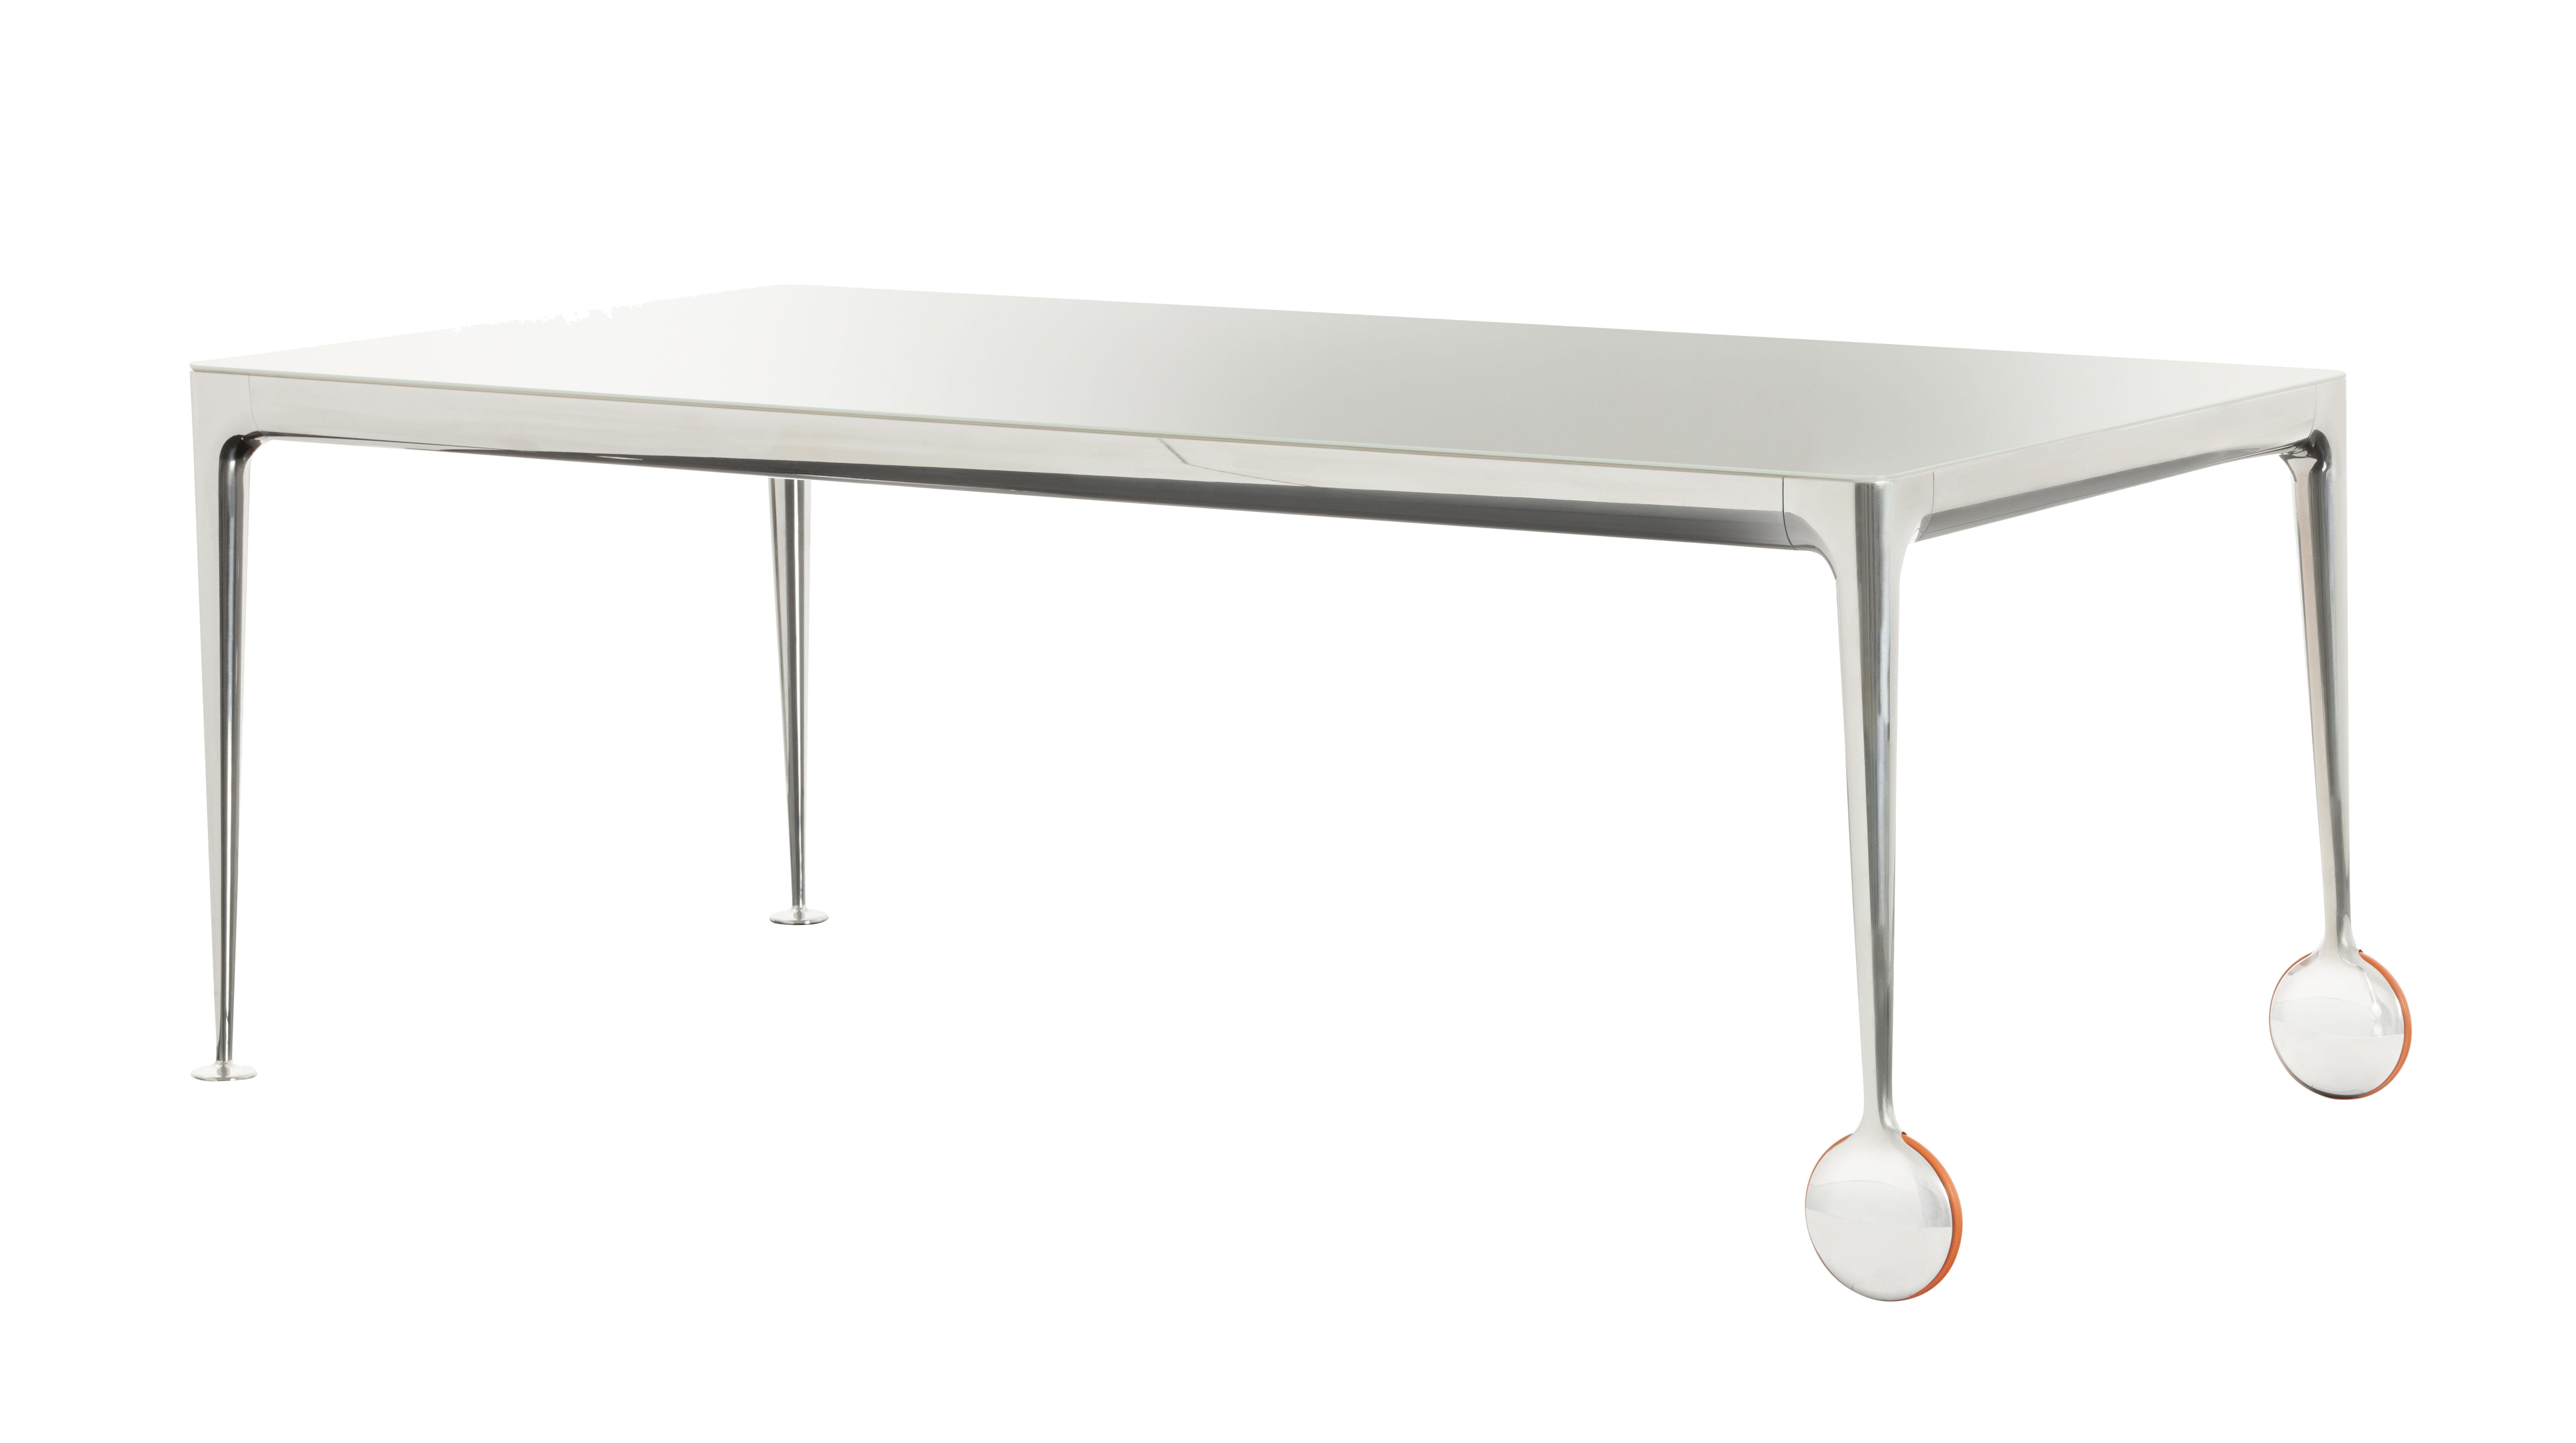 Scopri Tavolo Big Will 200 X 100 Cm Piano Bianco